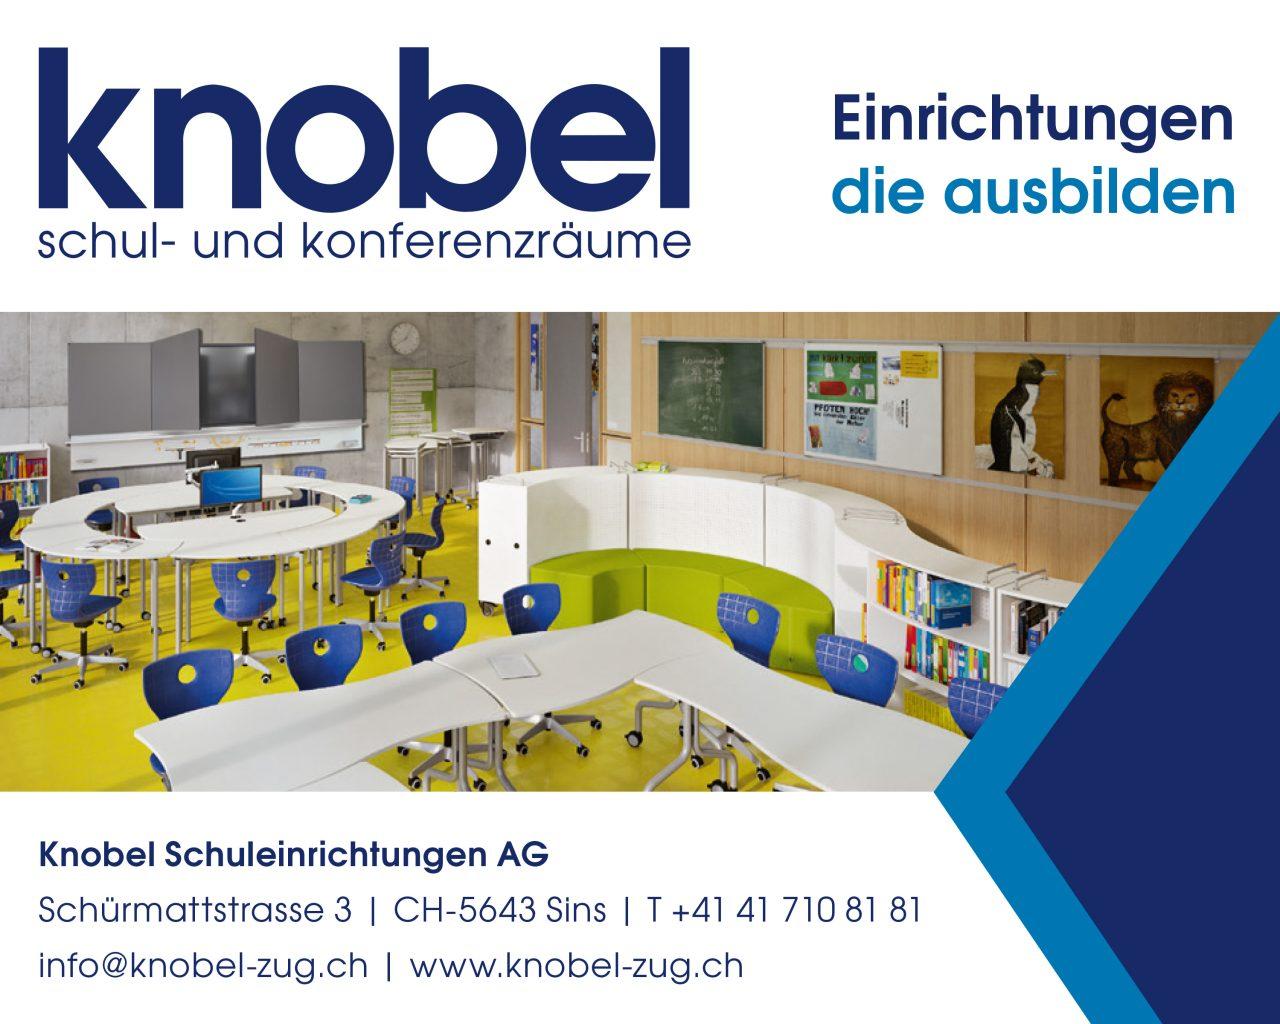 Knobel_Inserat_Schulblatt_87x65mm_4f.indd